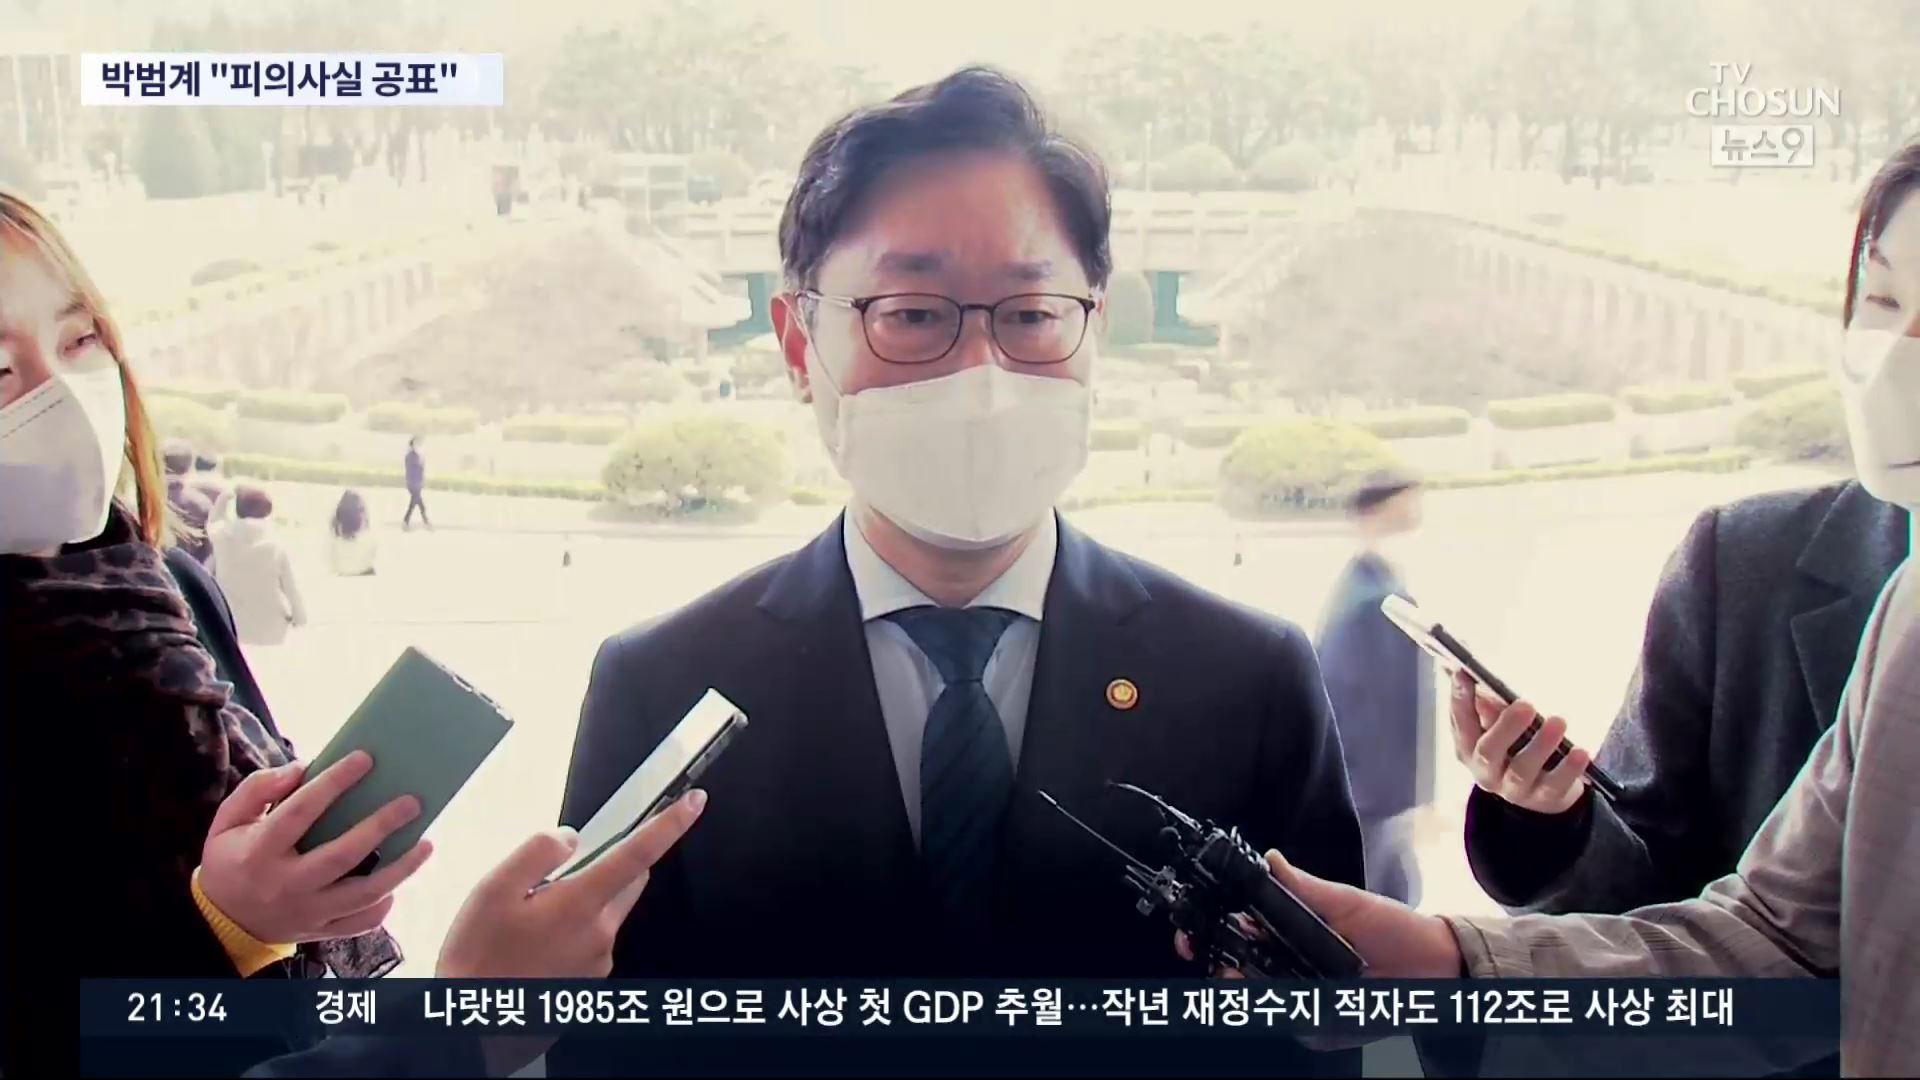 박범계 '檢 피의사실 공표 의심'…법조계 '정권 불리한 사건만 지적'